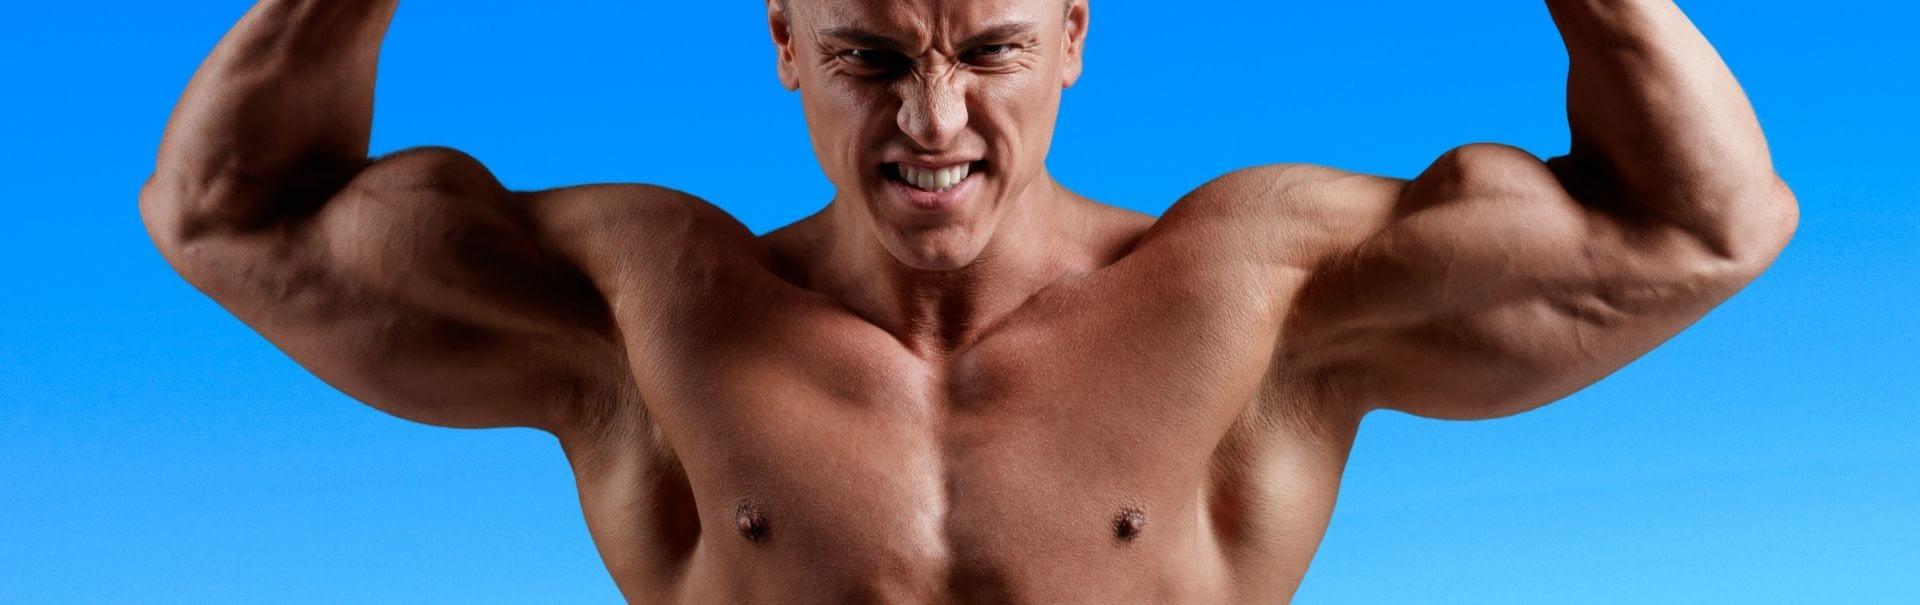 Muscular Show